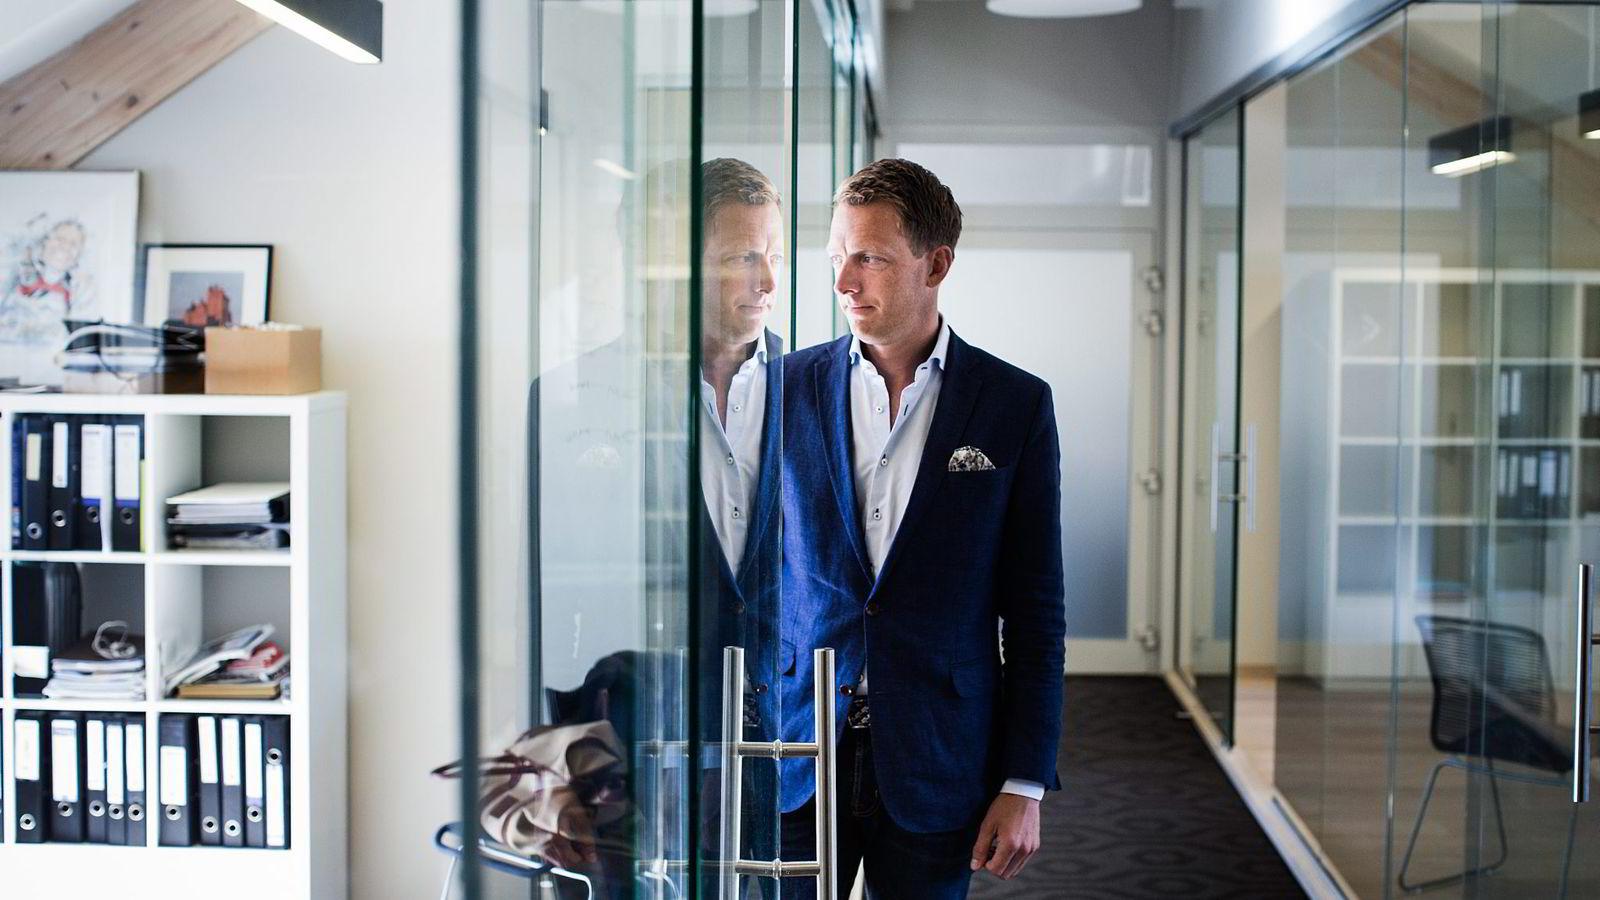 – Å gjennomføre et arrangement er som en live-eksamen, hvor vi har fokus på høy kvalitet, sier daglig leder Jan Axel Syberg i Off Piste. Foto: